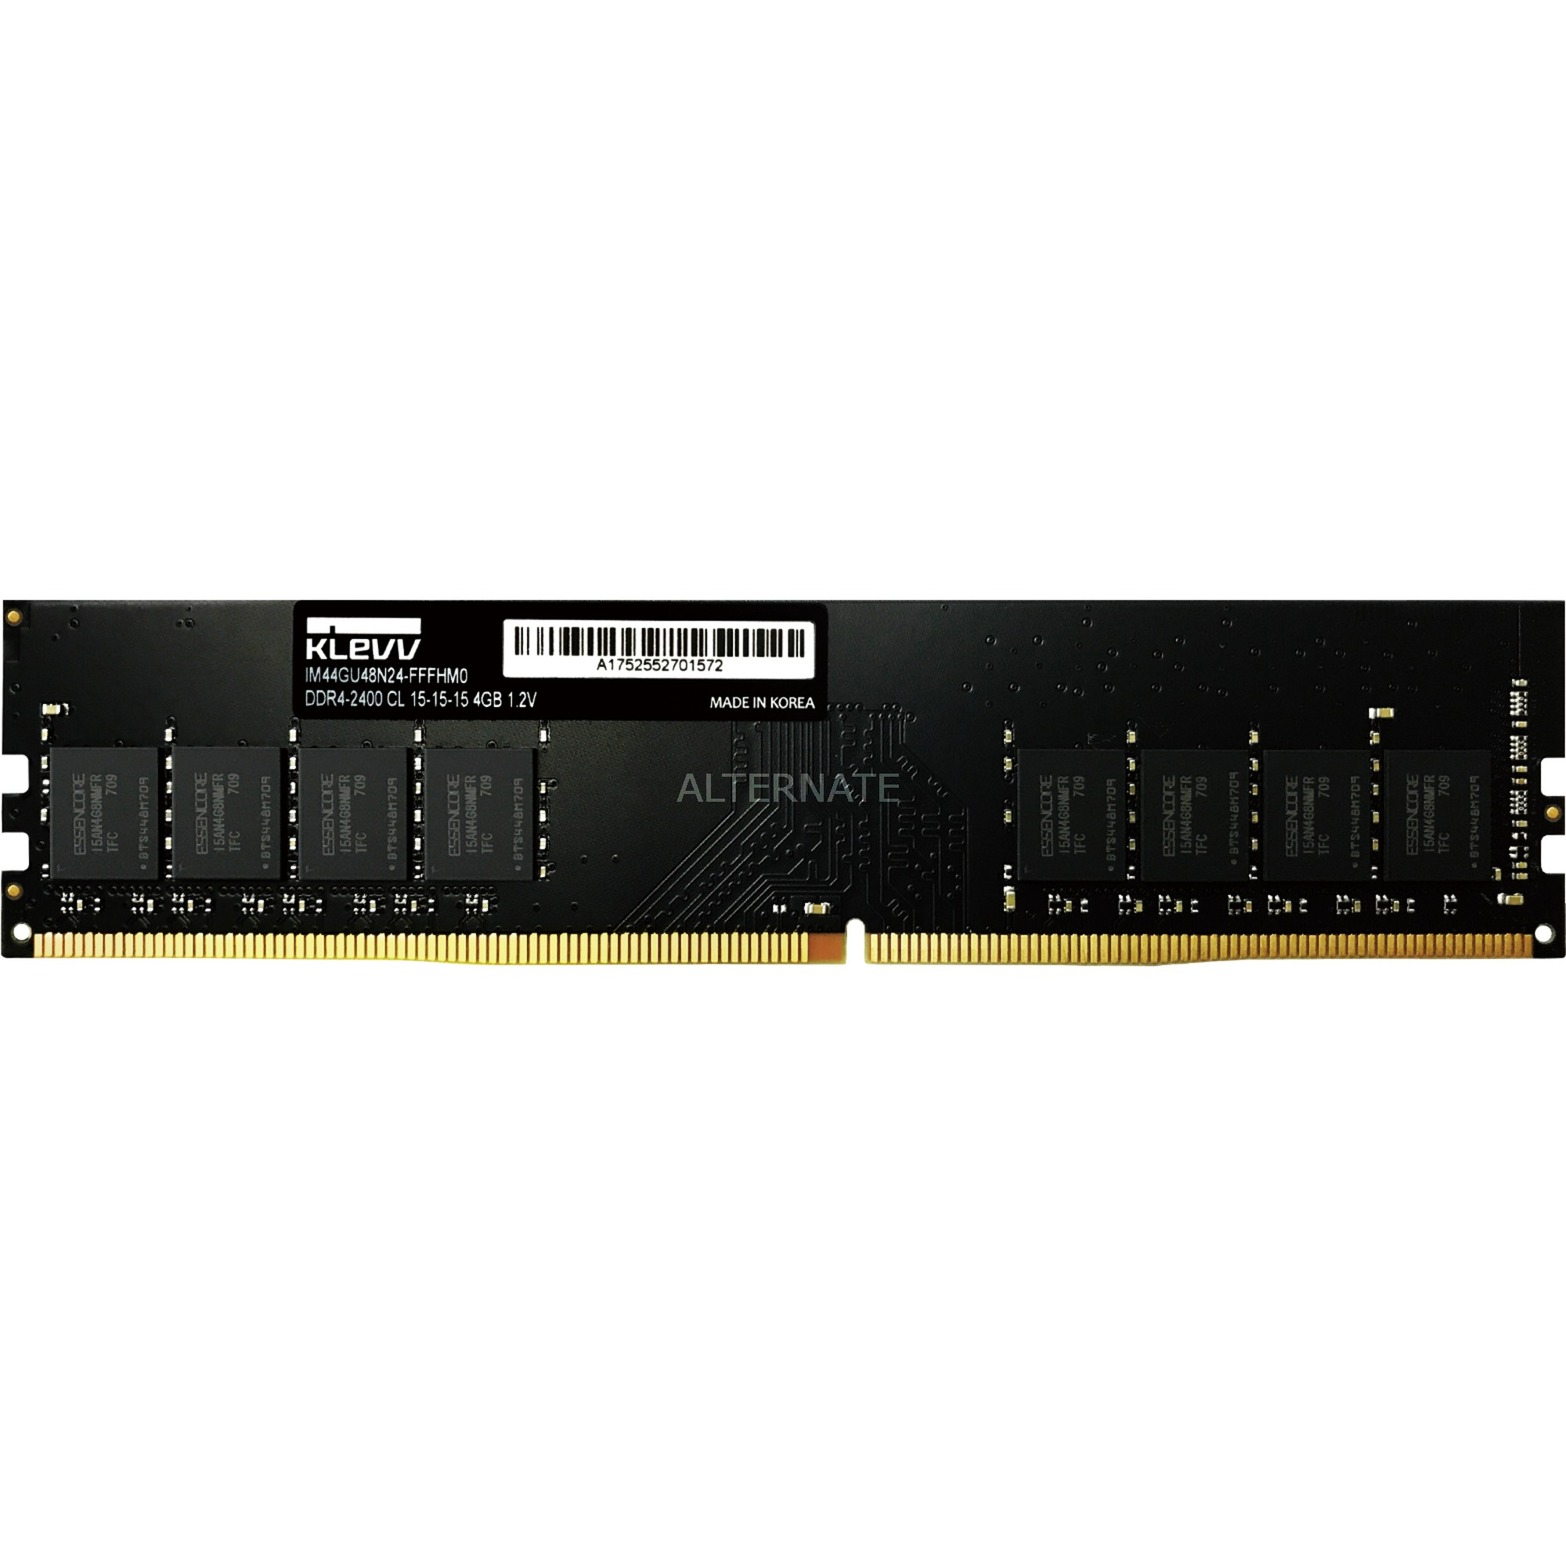 IM4AGU88N24-FFFH*0, Memoria RAM